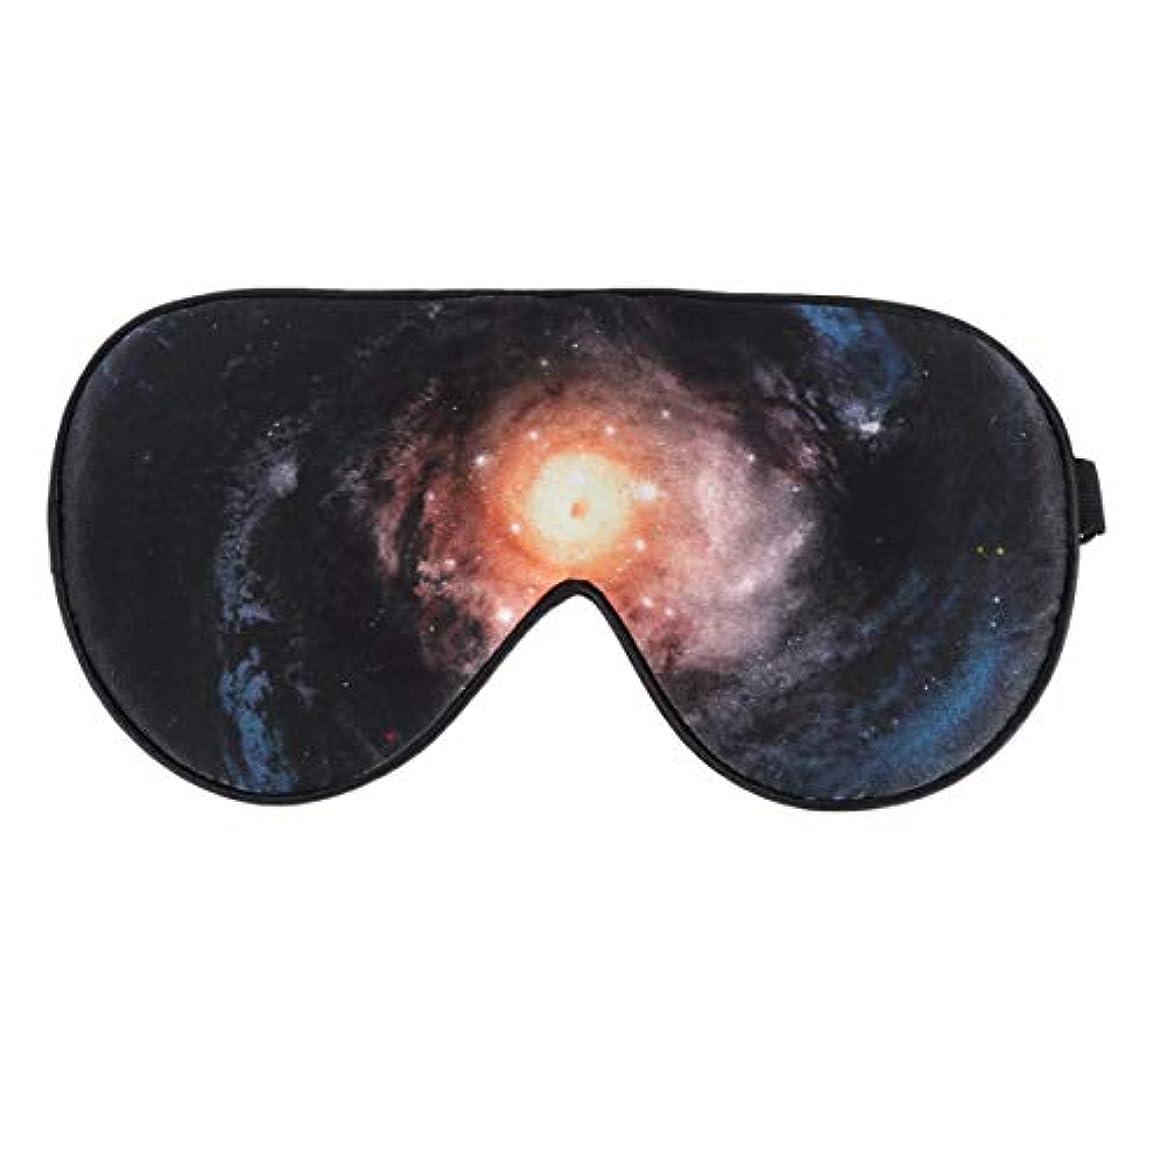 音楽を聴く開発するジュラシックパークSUPVOX 睡眠マスクシルクアイマスクソフト弾性ストラップ星空パターン睡眠睡眠昼寝旅行用ポータブル